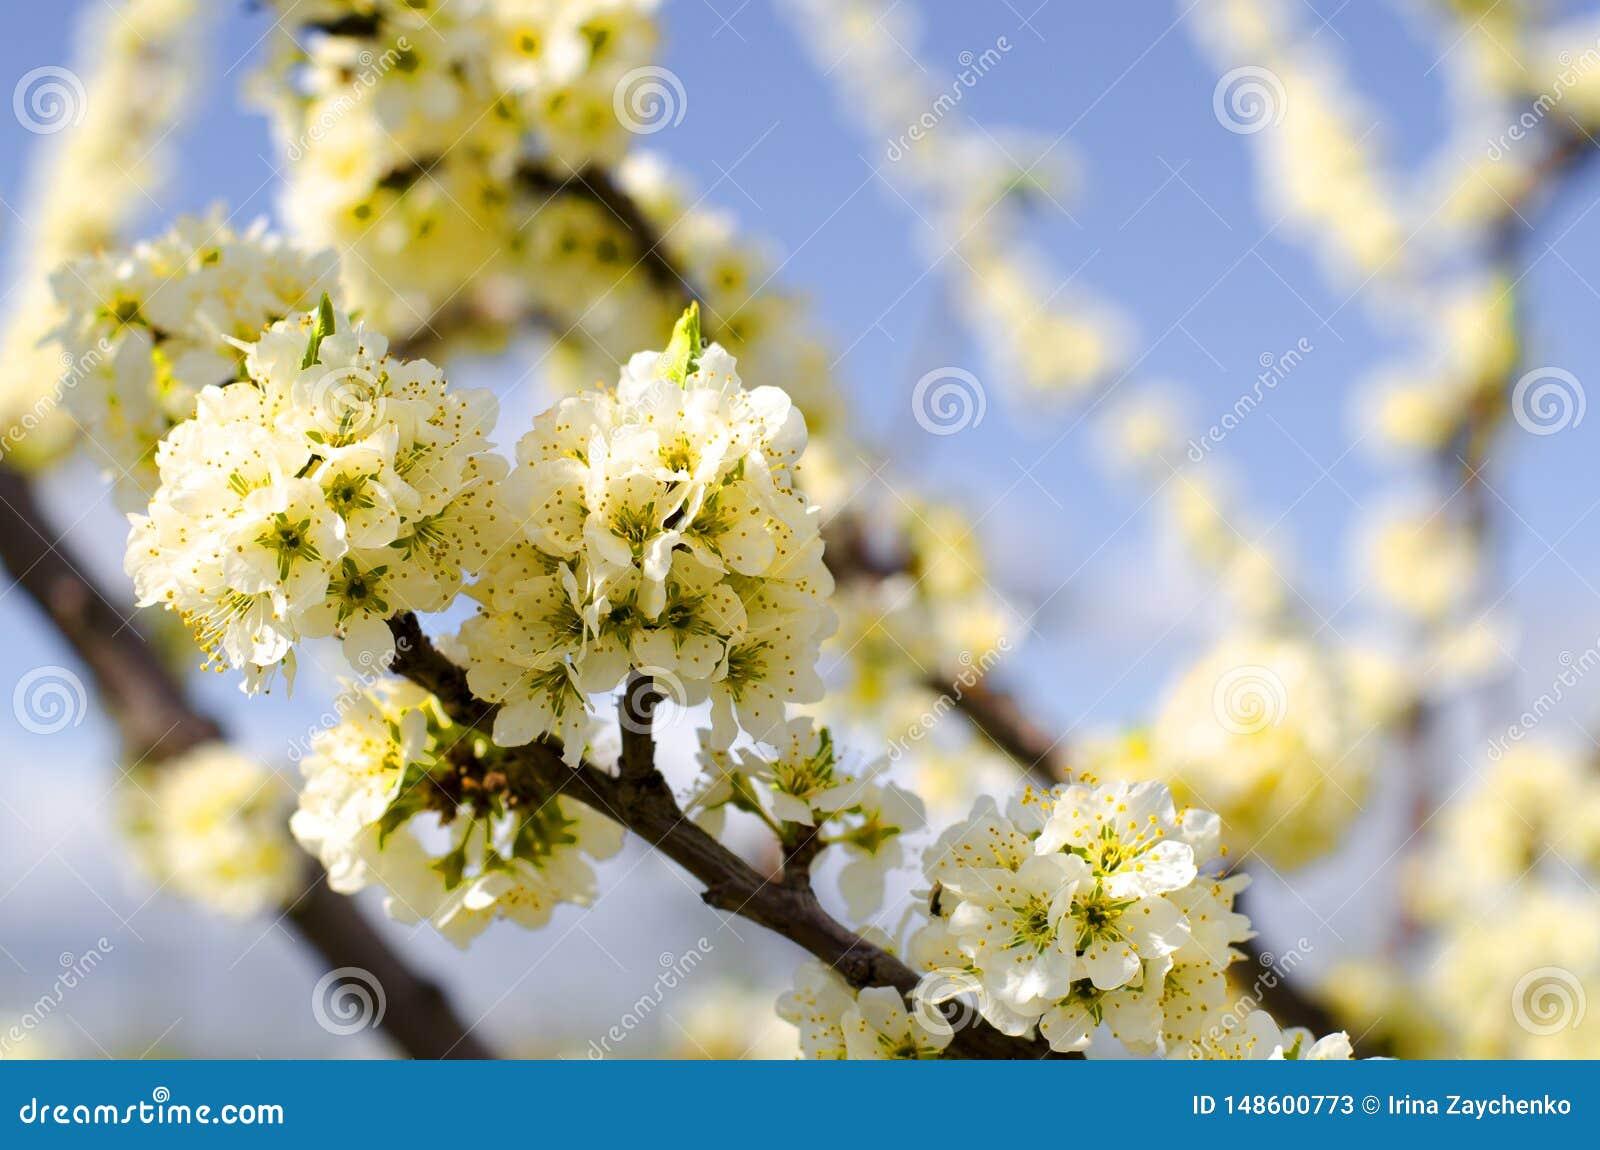 Apple tree blossom on blue sky